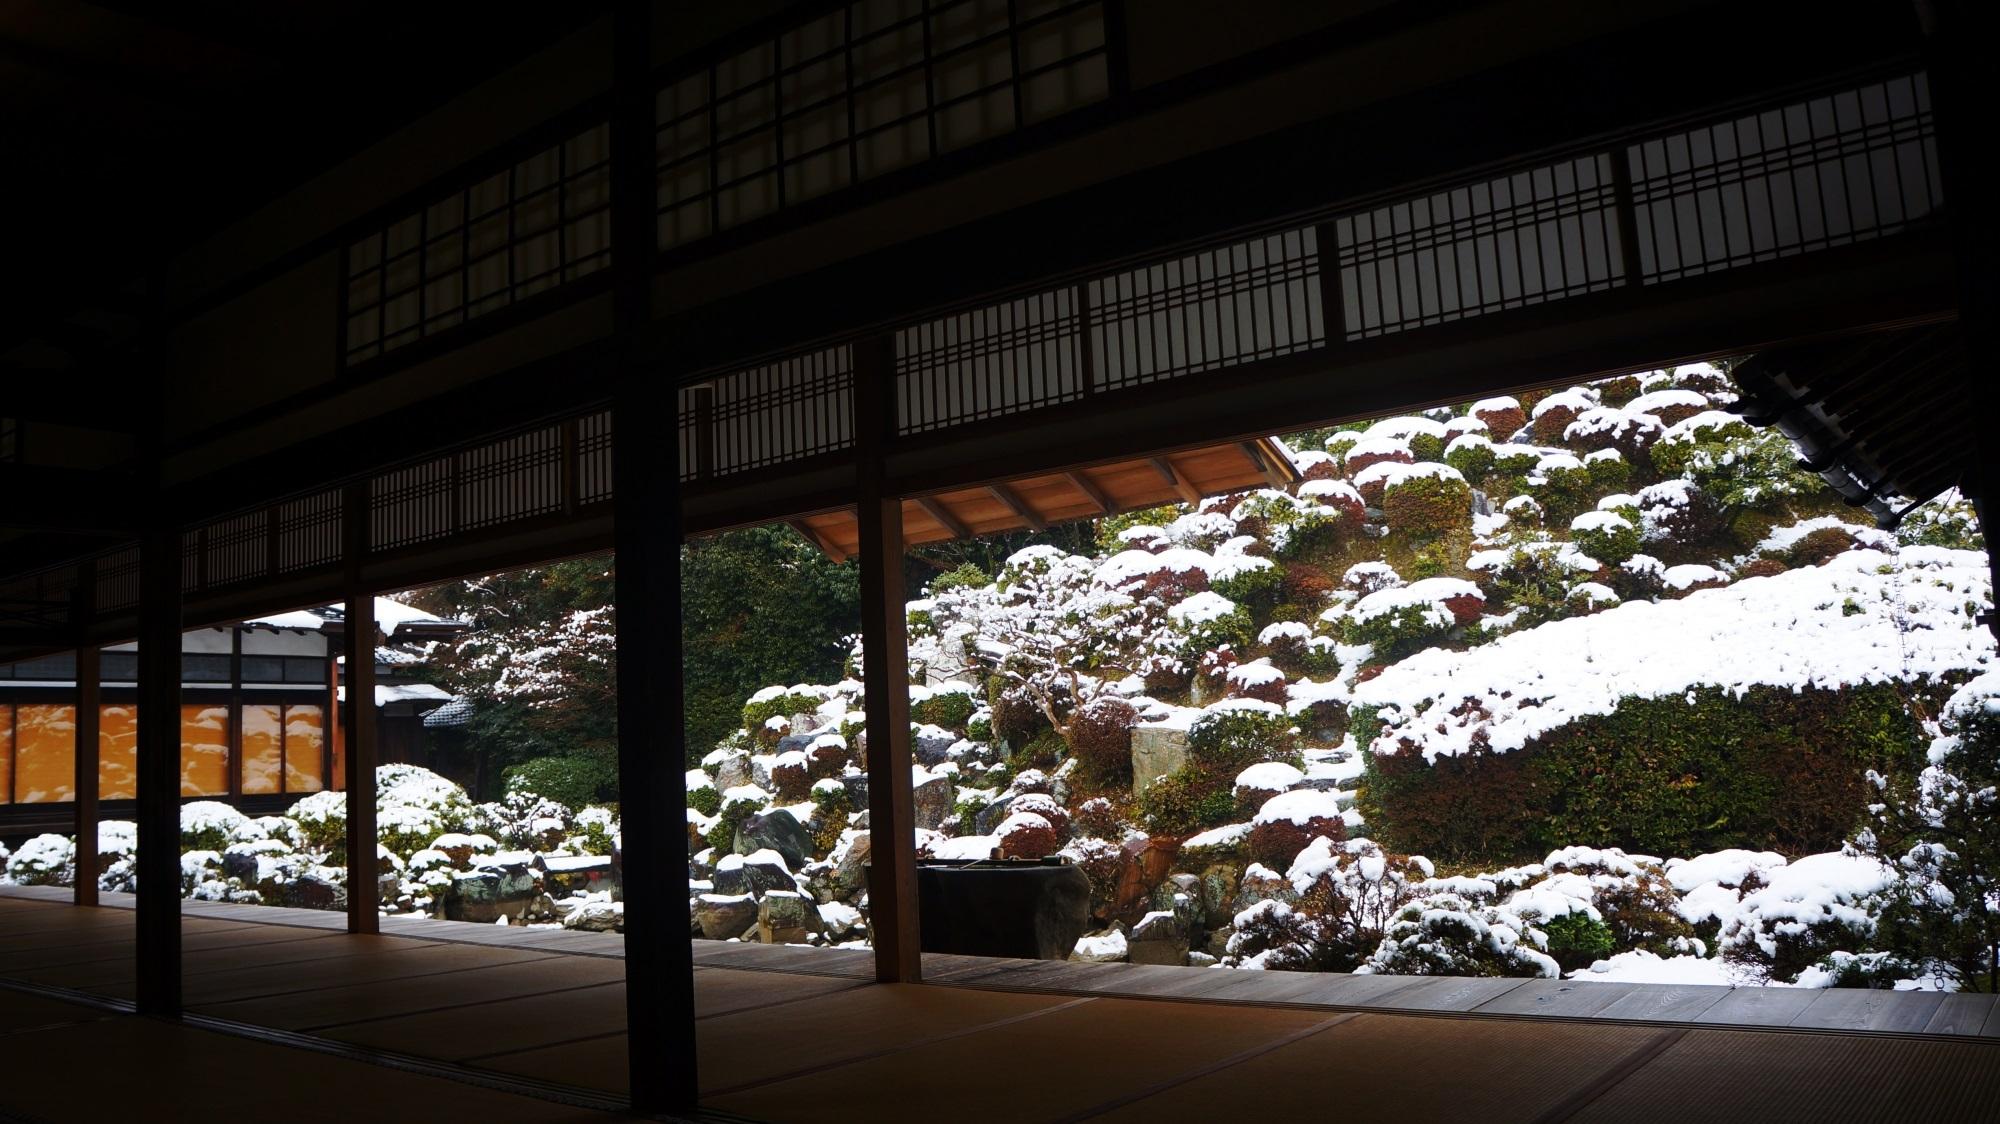 智積院 雪 名勝庭園の冬景色と梅の花